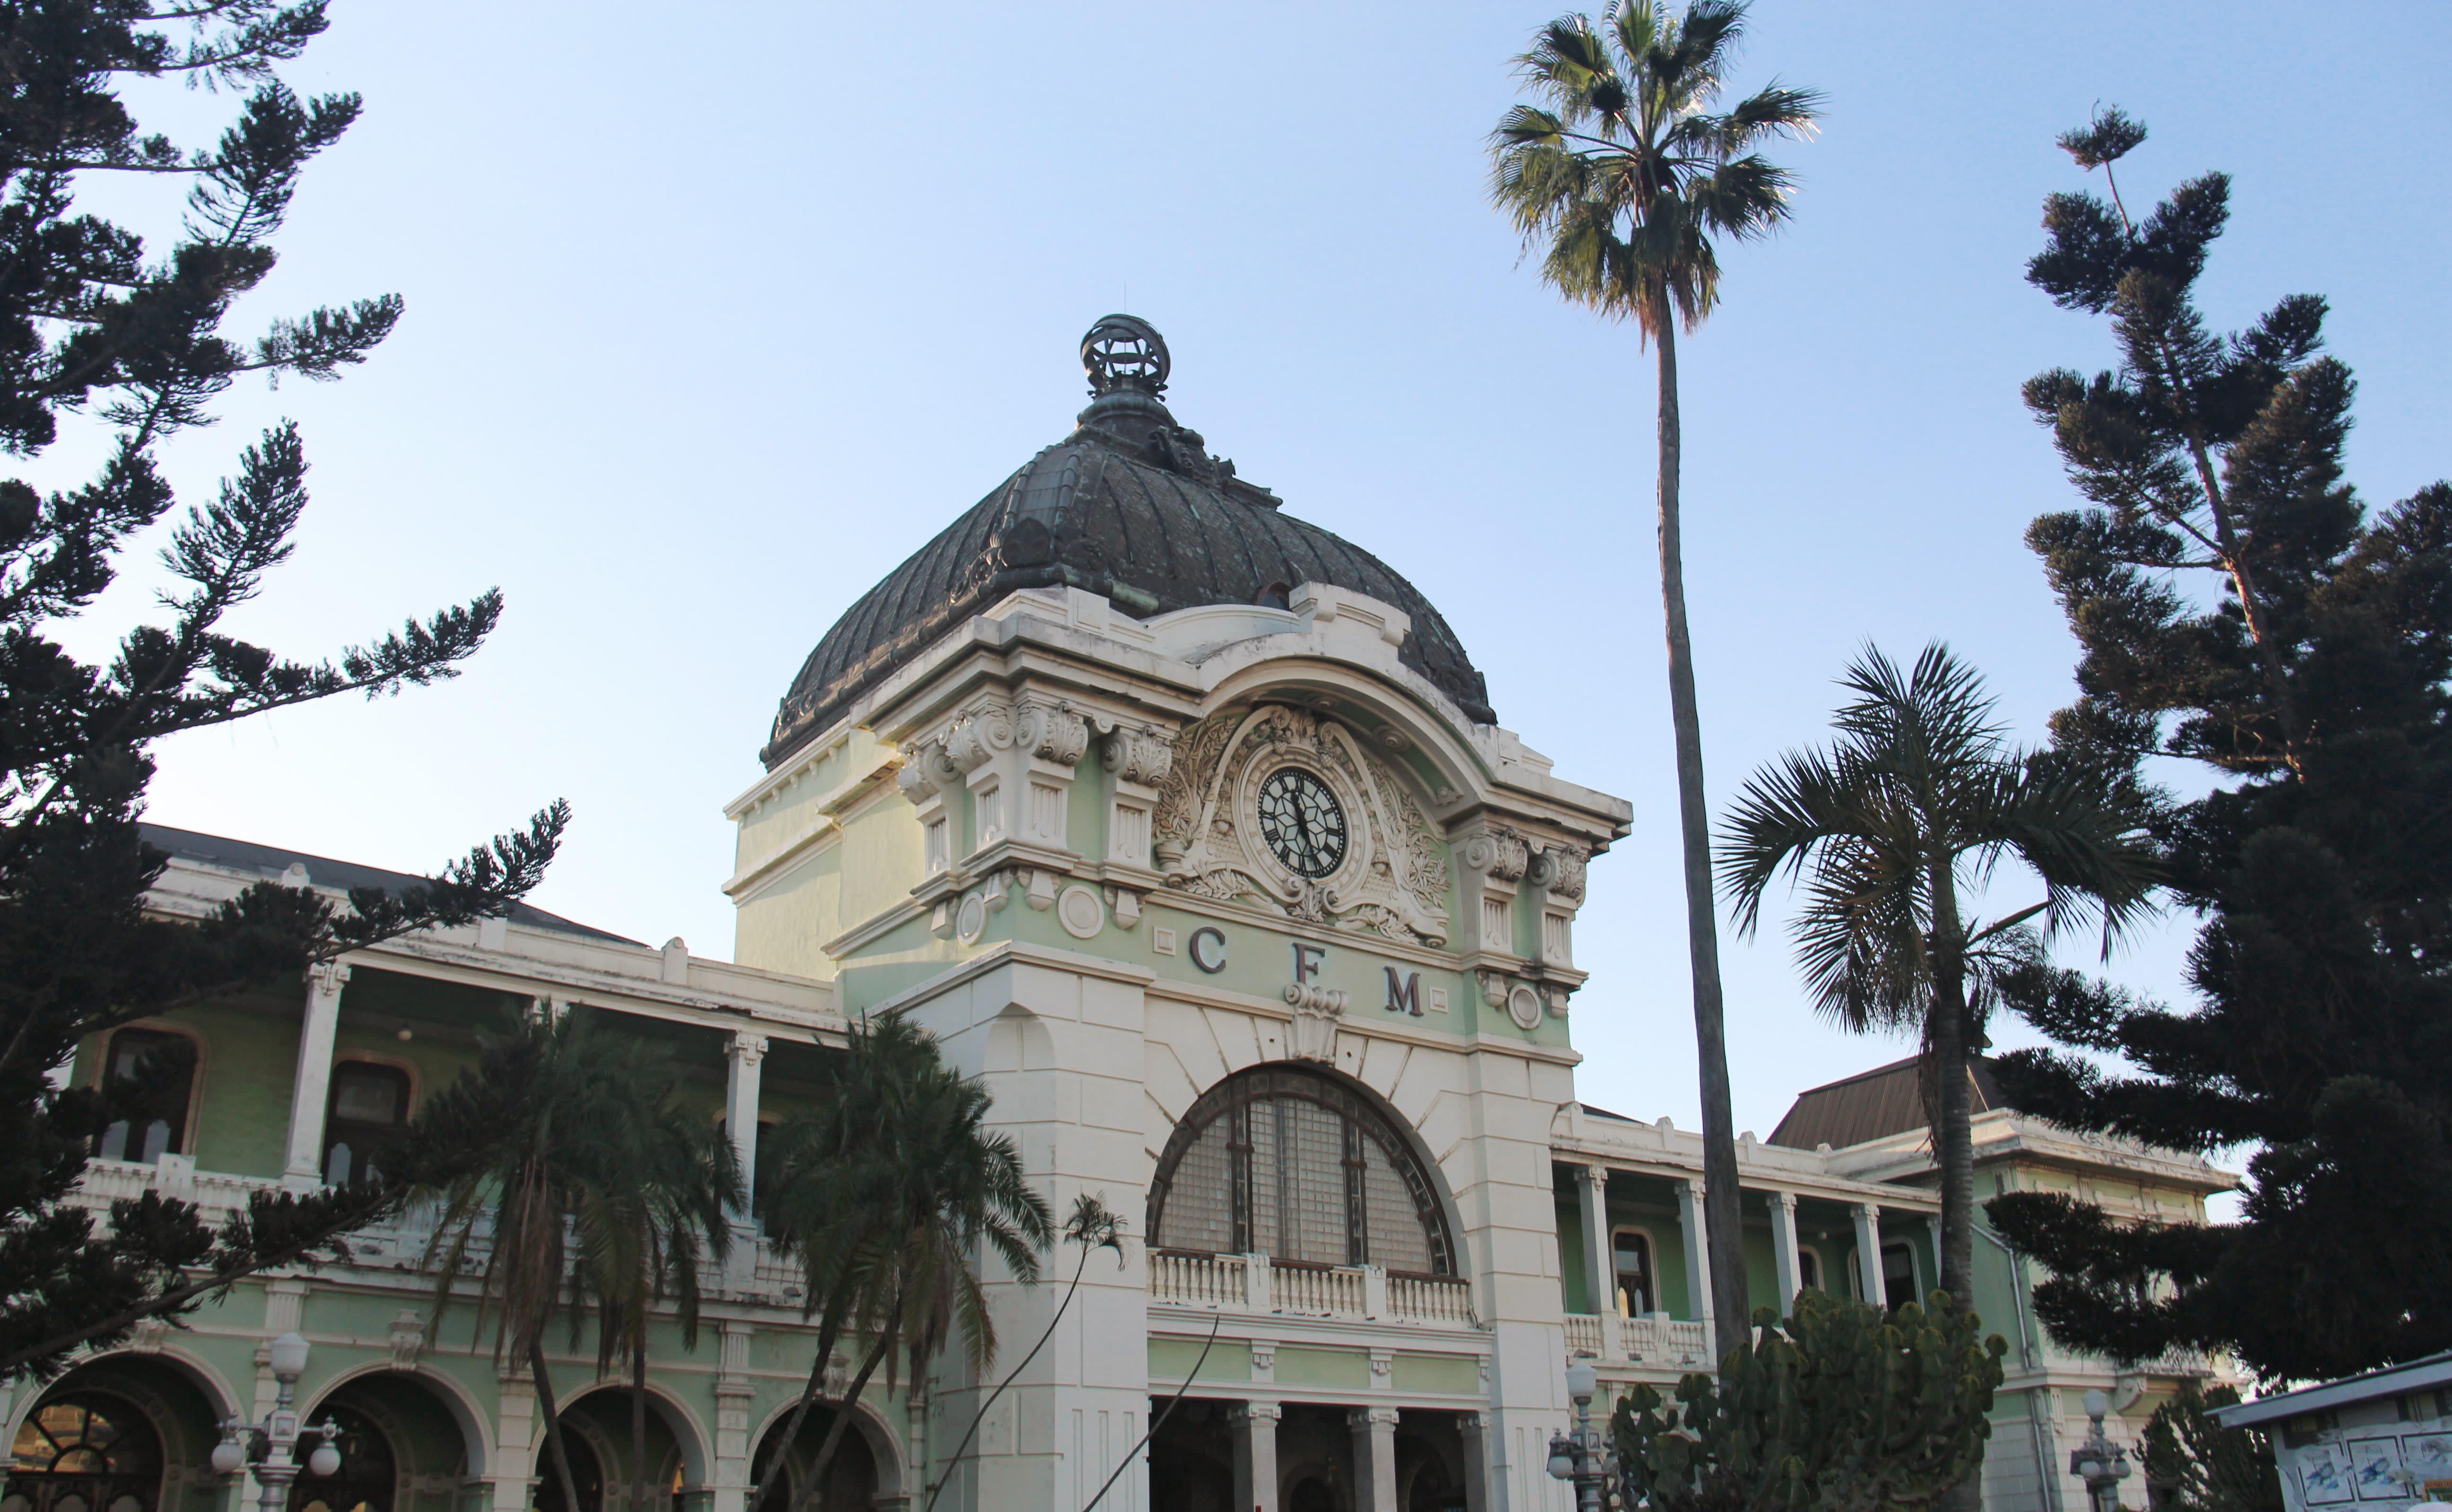 Der von Eiffel entworfene Bahnhof in Maputo - eine der wichtigsten Mosambik Sehenswürdigkeiten